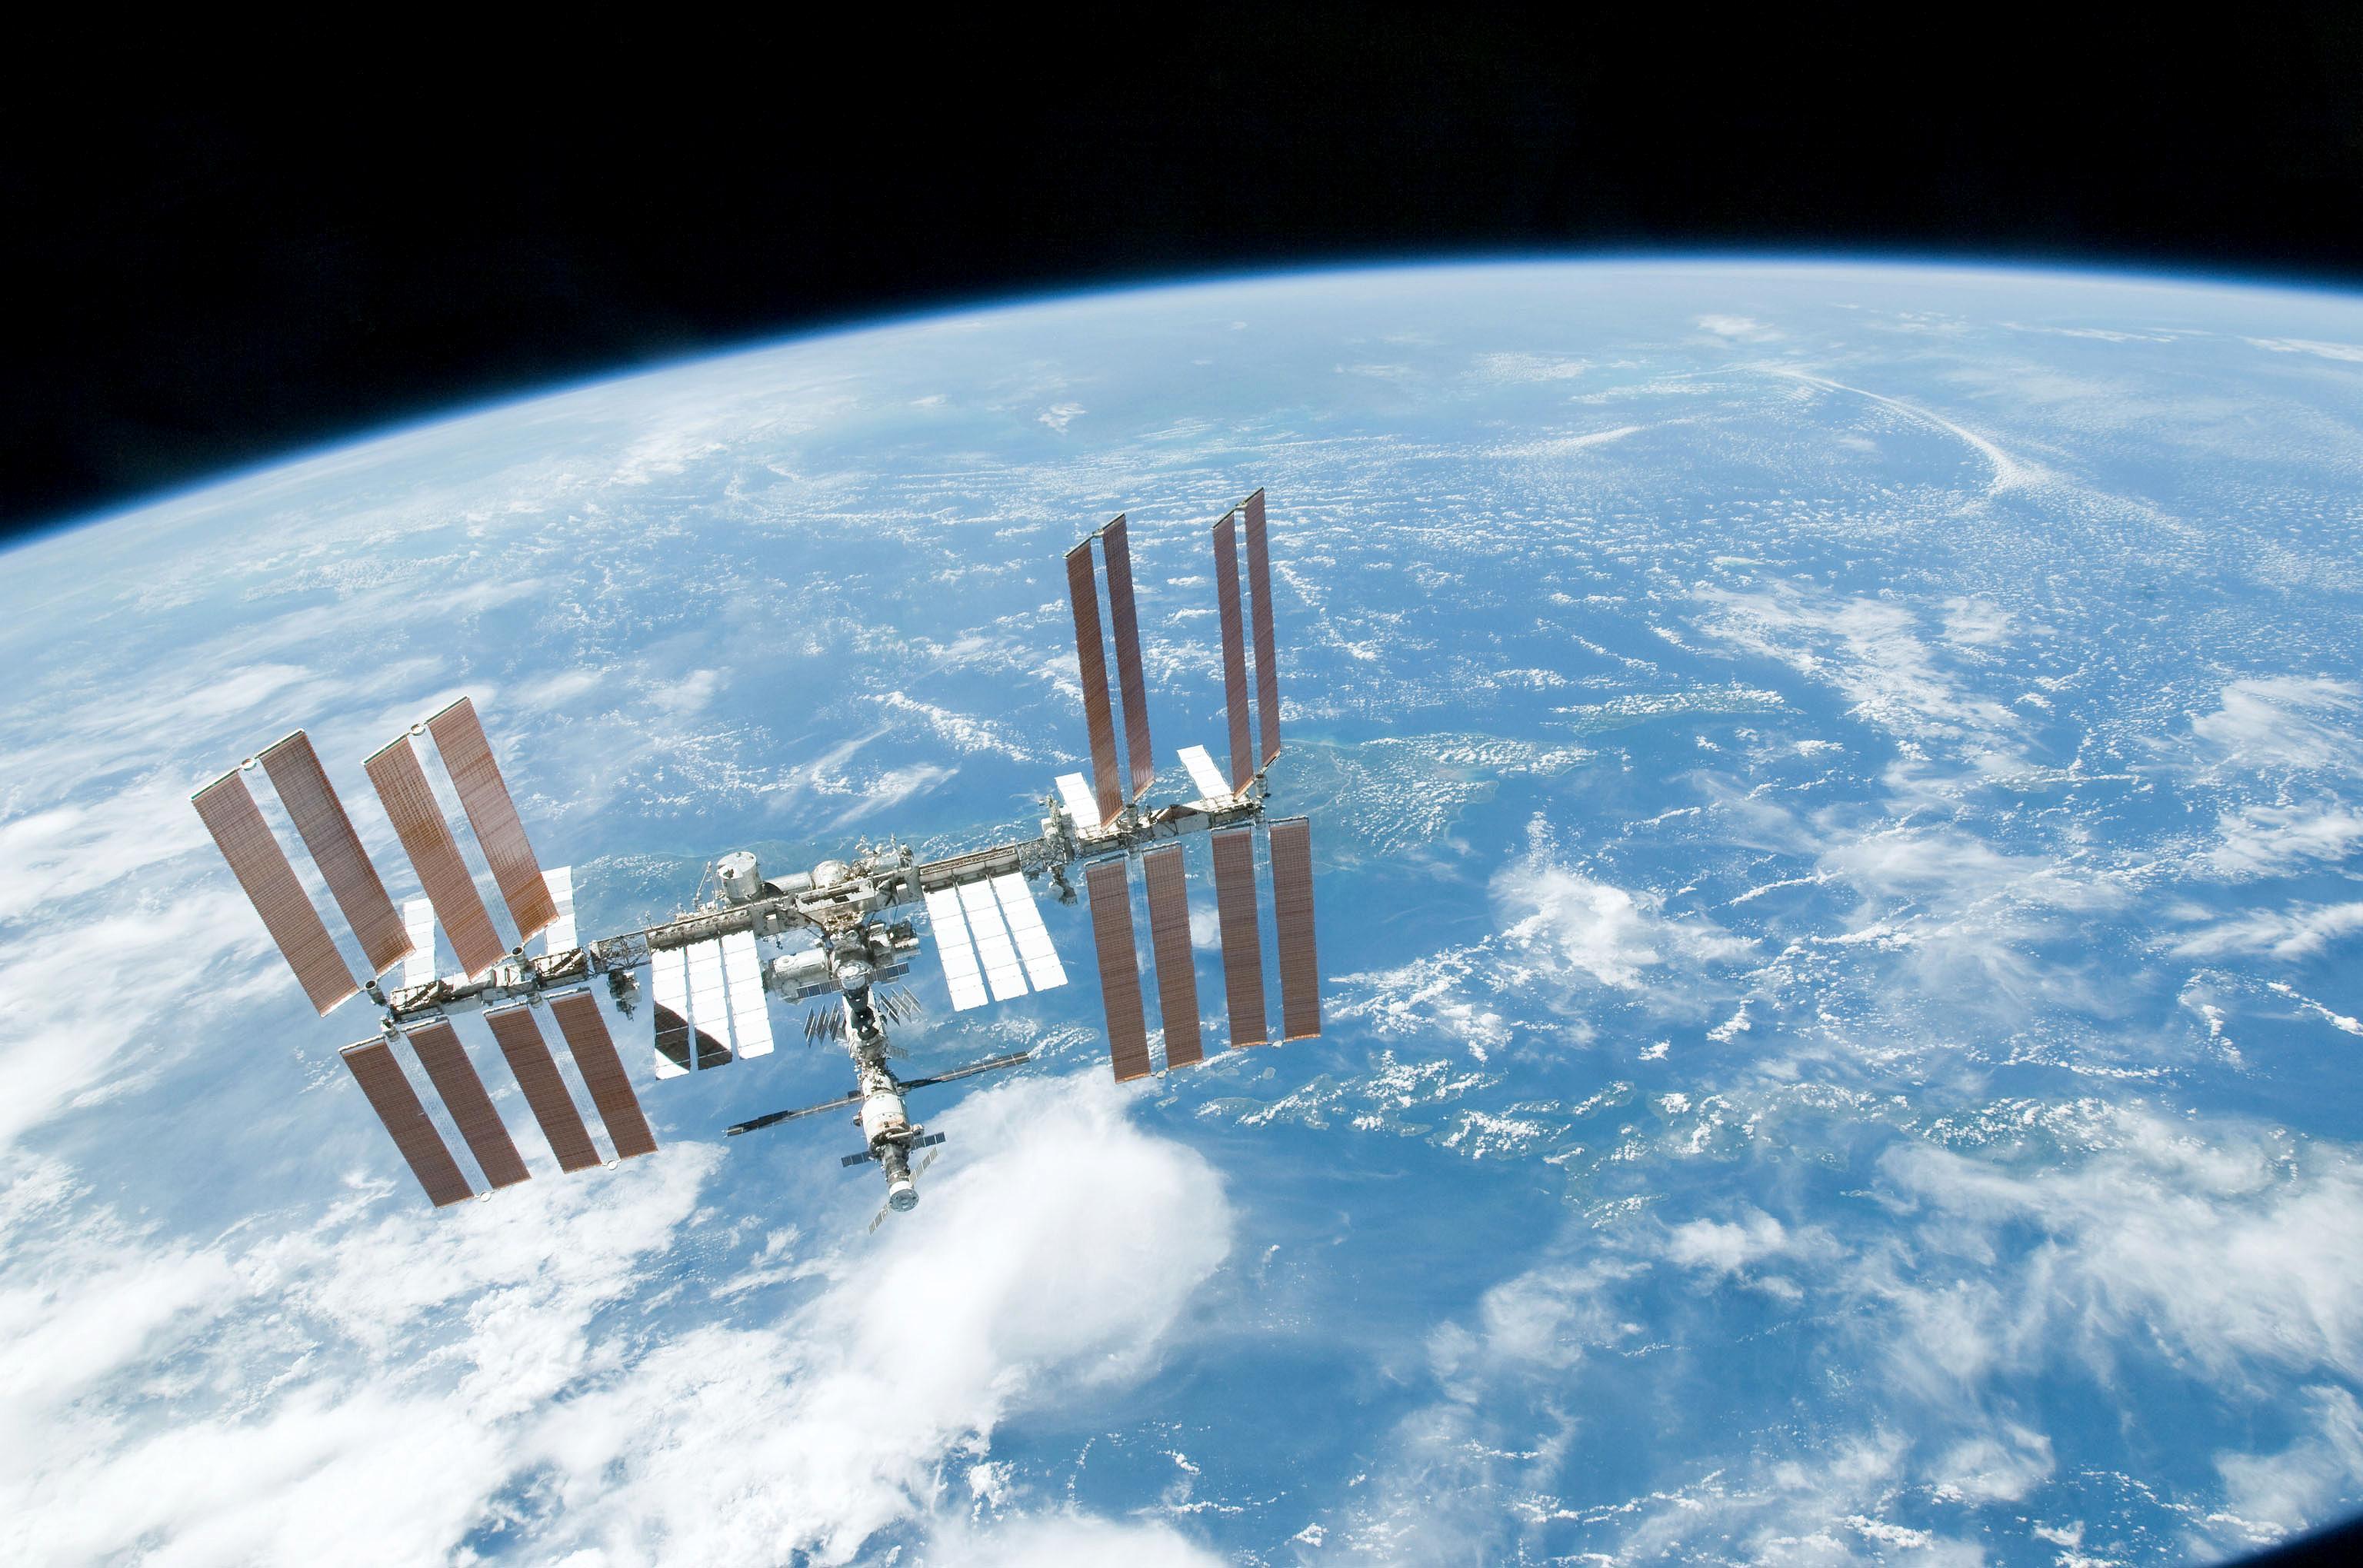 Concreto criado por estudantes brasileiros ficará de quatro a seis semanas em análise na ISS.